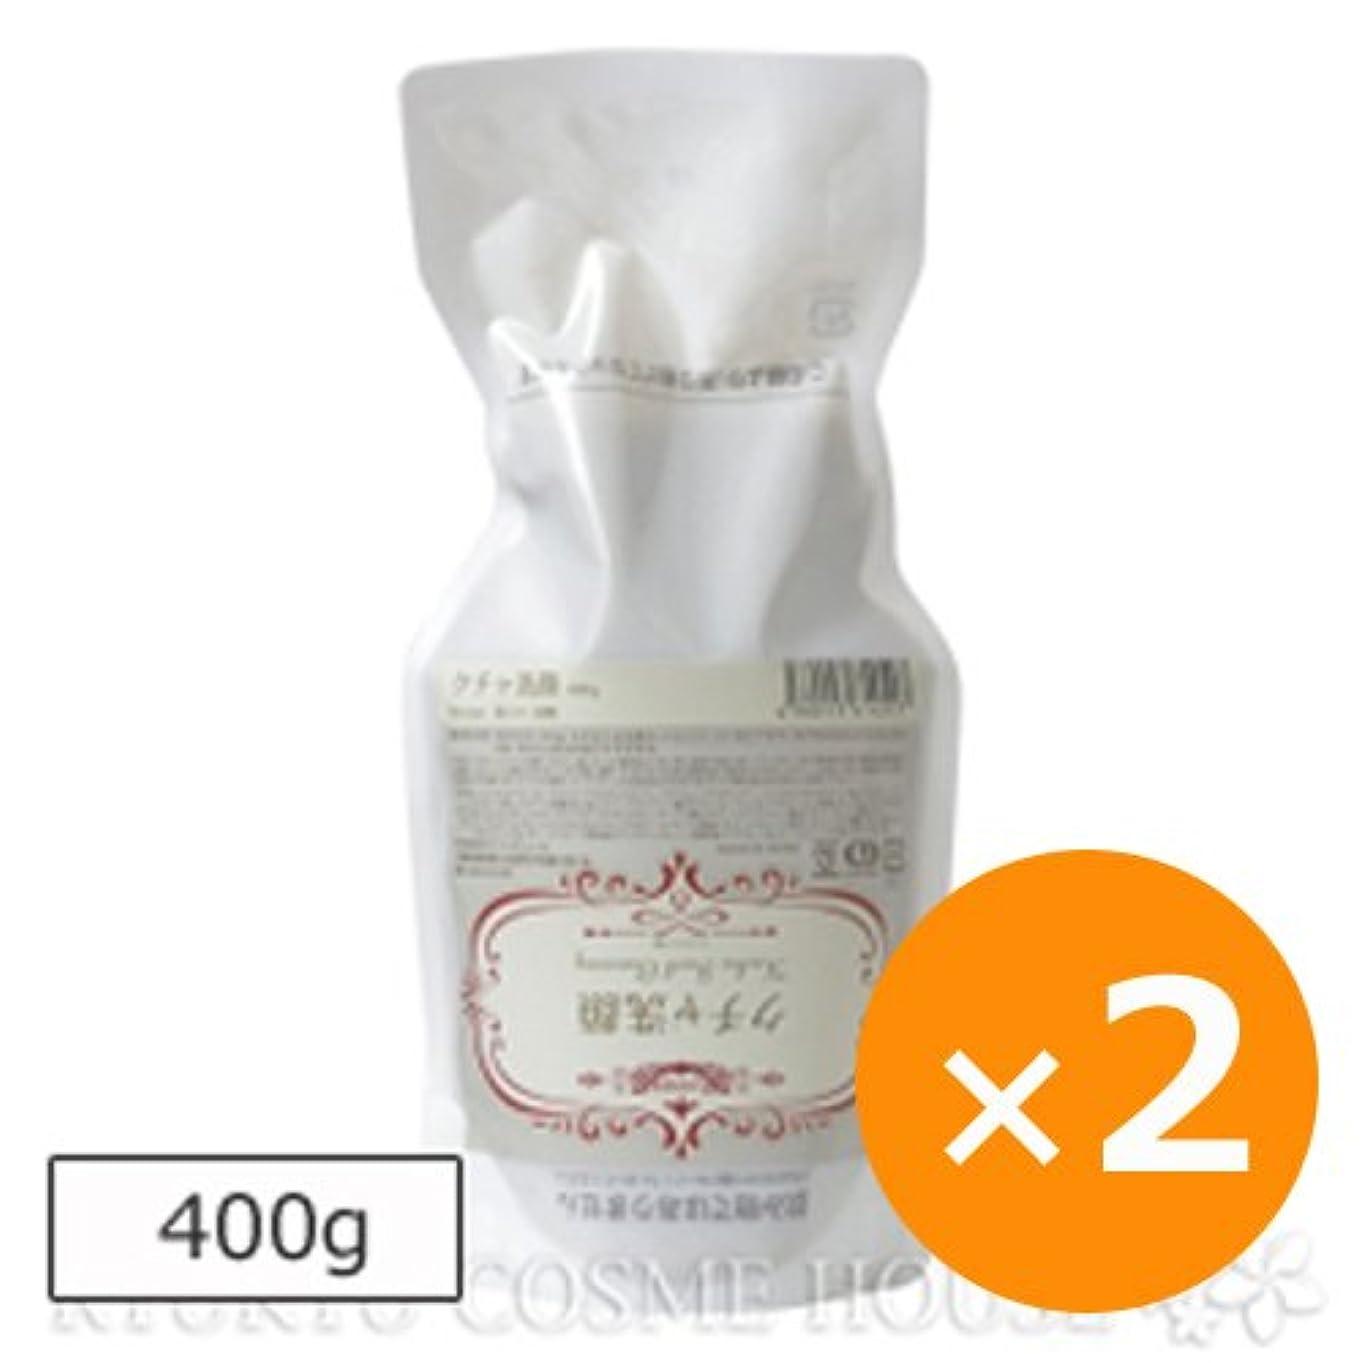 豪華な早める教育者Ryuspa リュウスパ クチャ洗顔 400g×2個 エコパウチ 詰め替え用